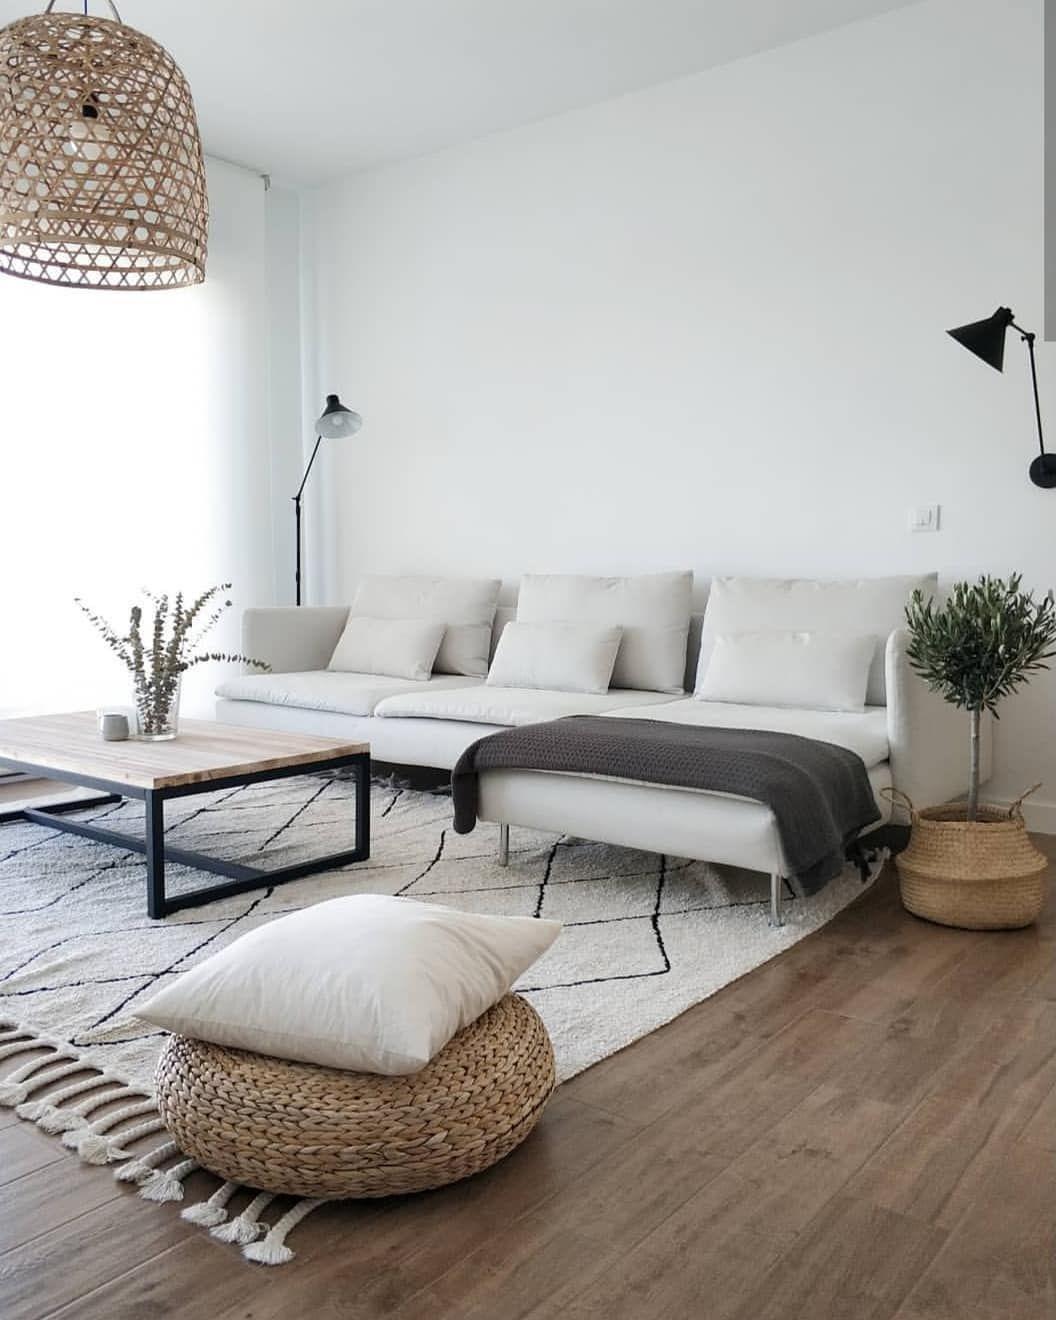 Photo of [New] Die 10 besten Innenarchitekturen (in der Welt) | Interior Design Apartment St … – New Ideas – My Blog